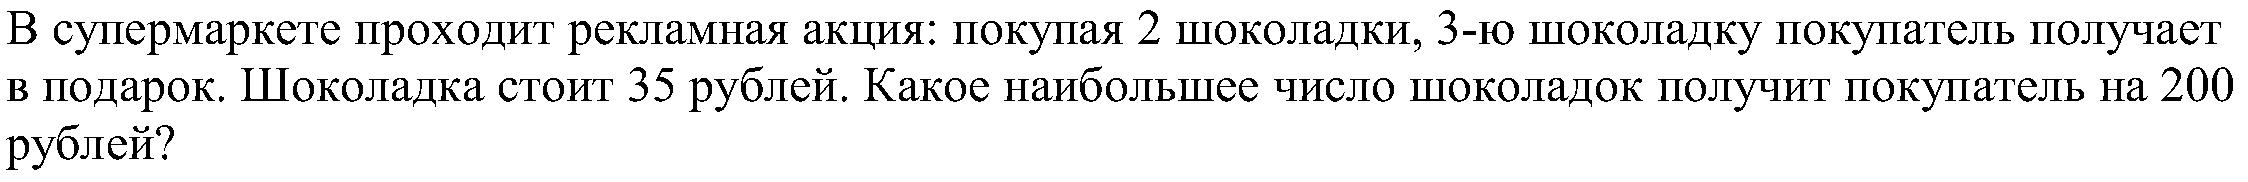 hello_html_7b18d1db.png